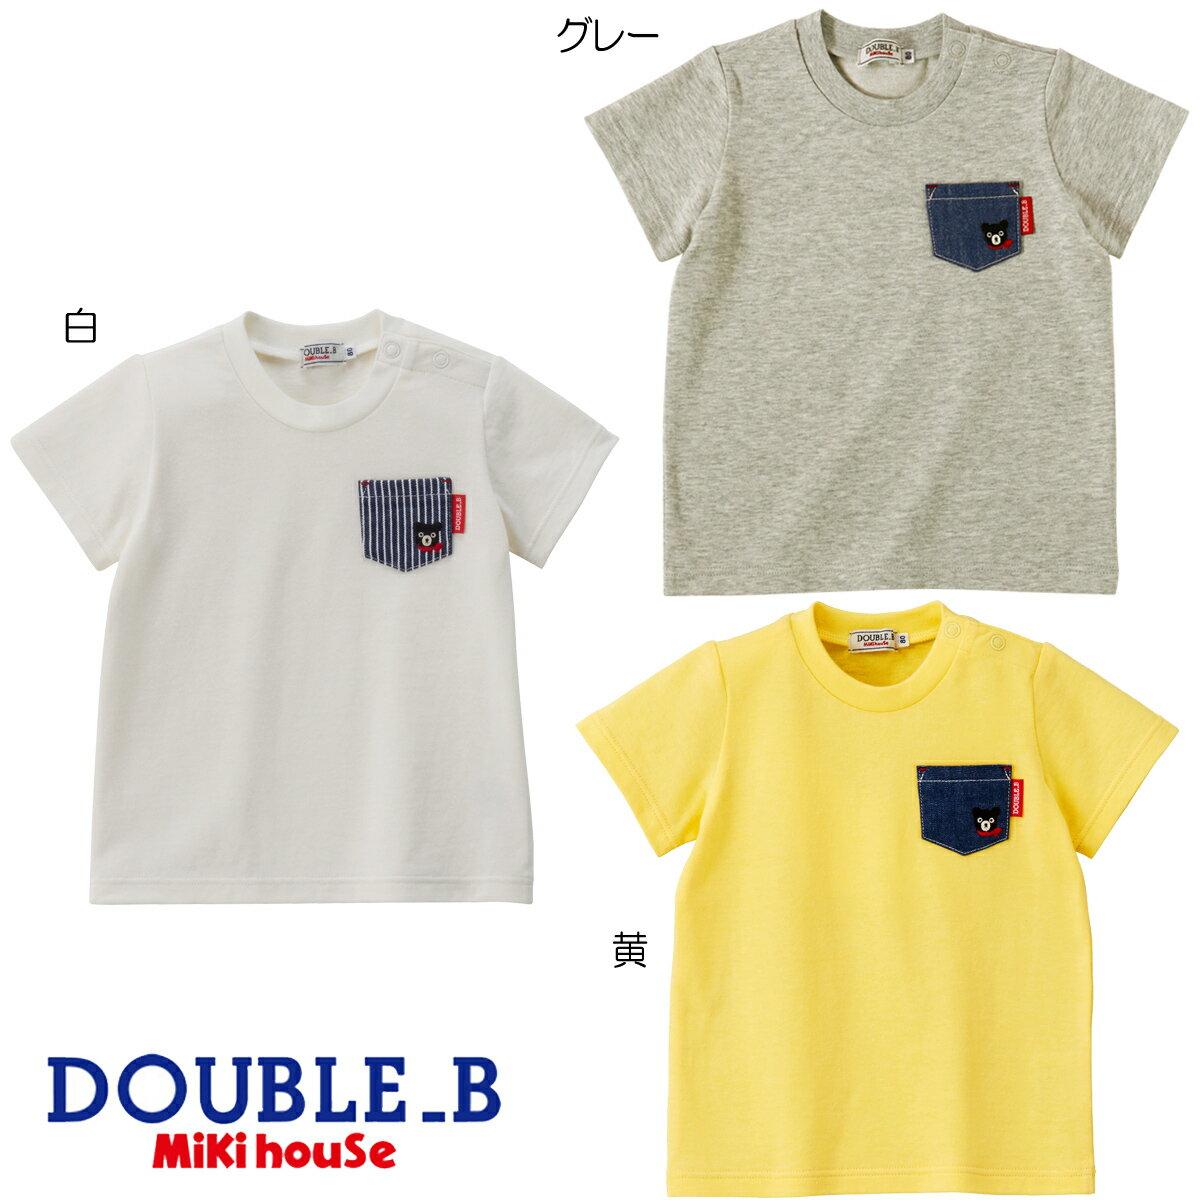 【セール30%OFF】【メール便OK】【Everyday DOUBLE B エブリデイダブルビー】デニムポケット付き半袖Tシャツ(80cm-150cm)【ミキハウス】